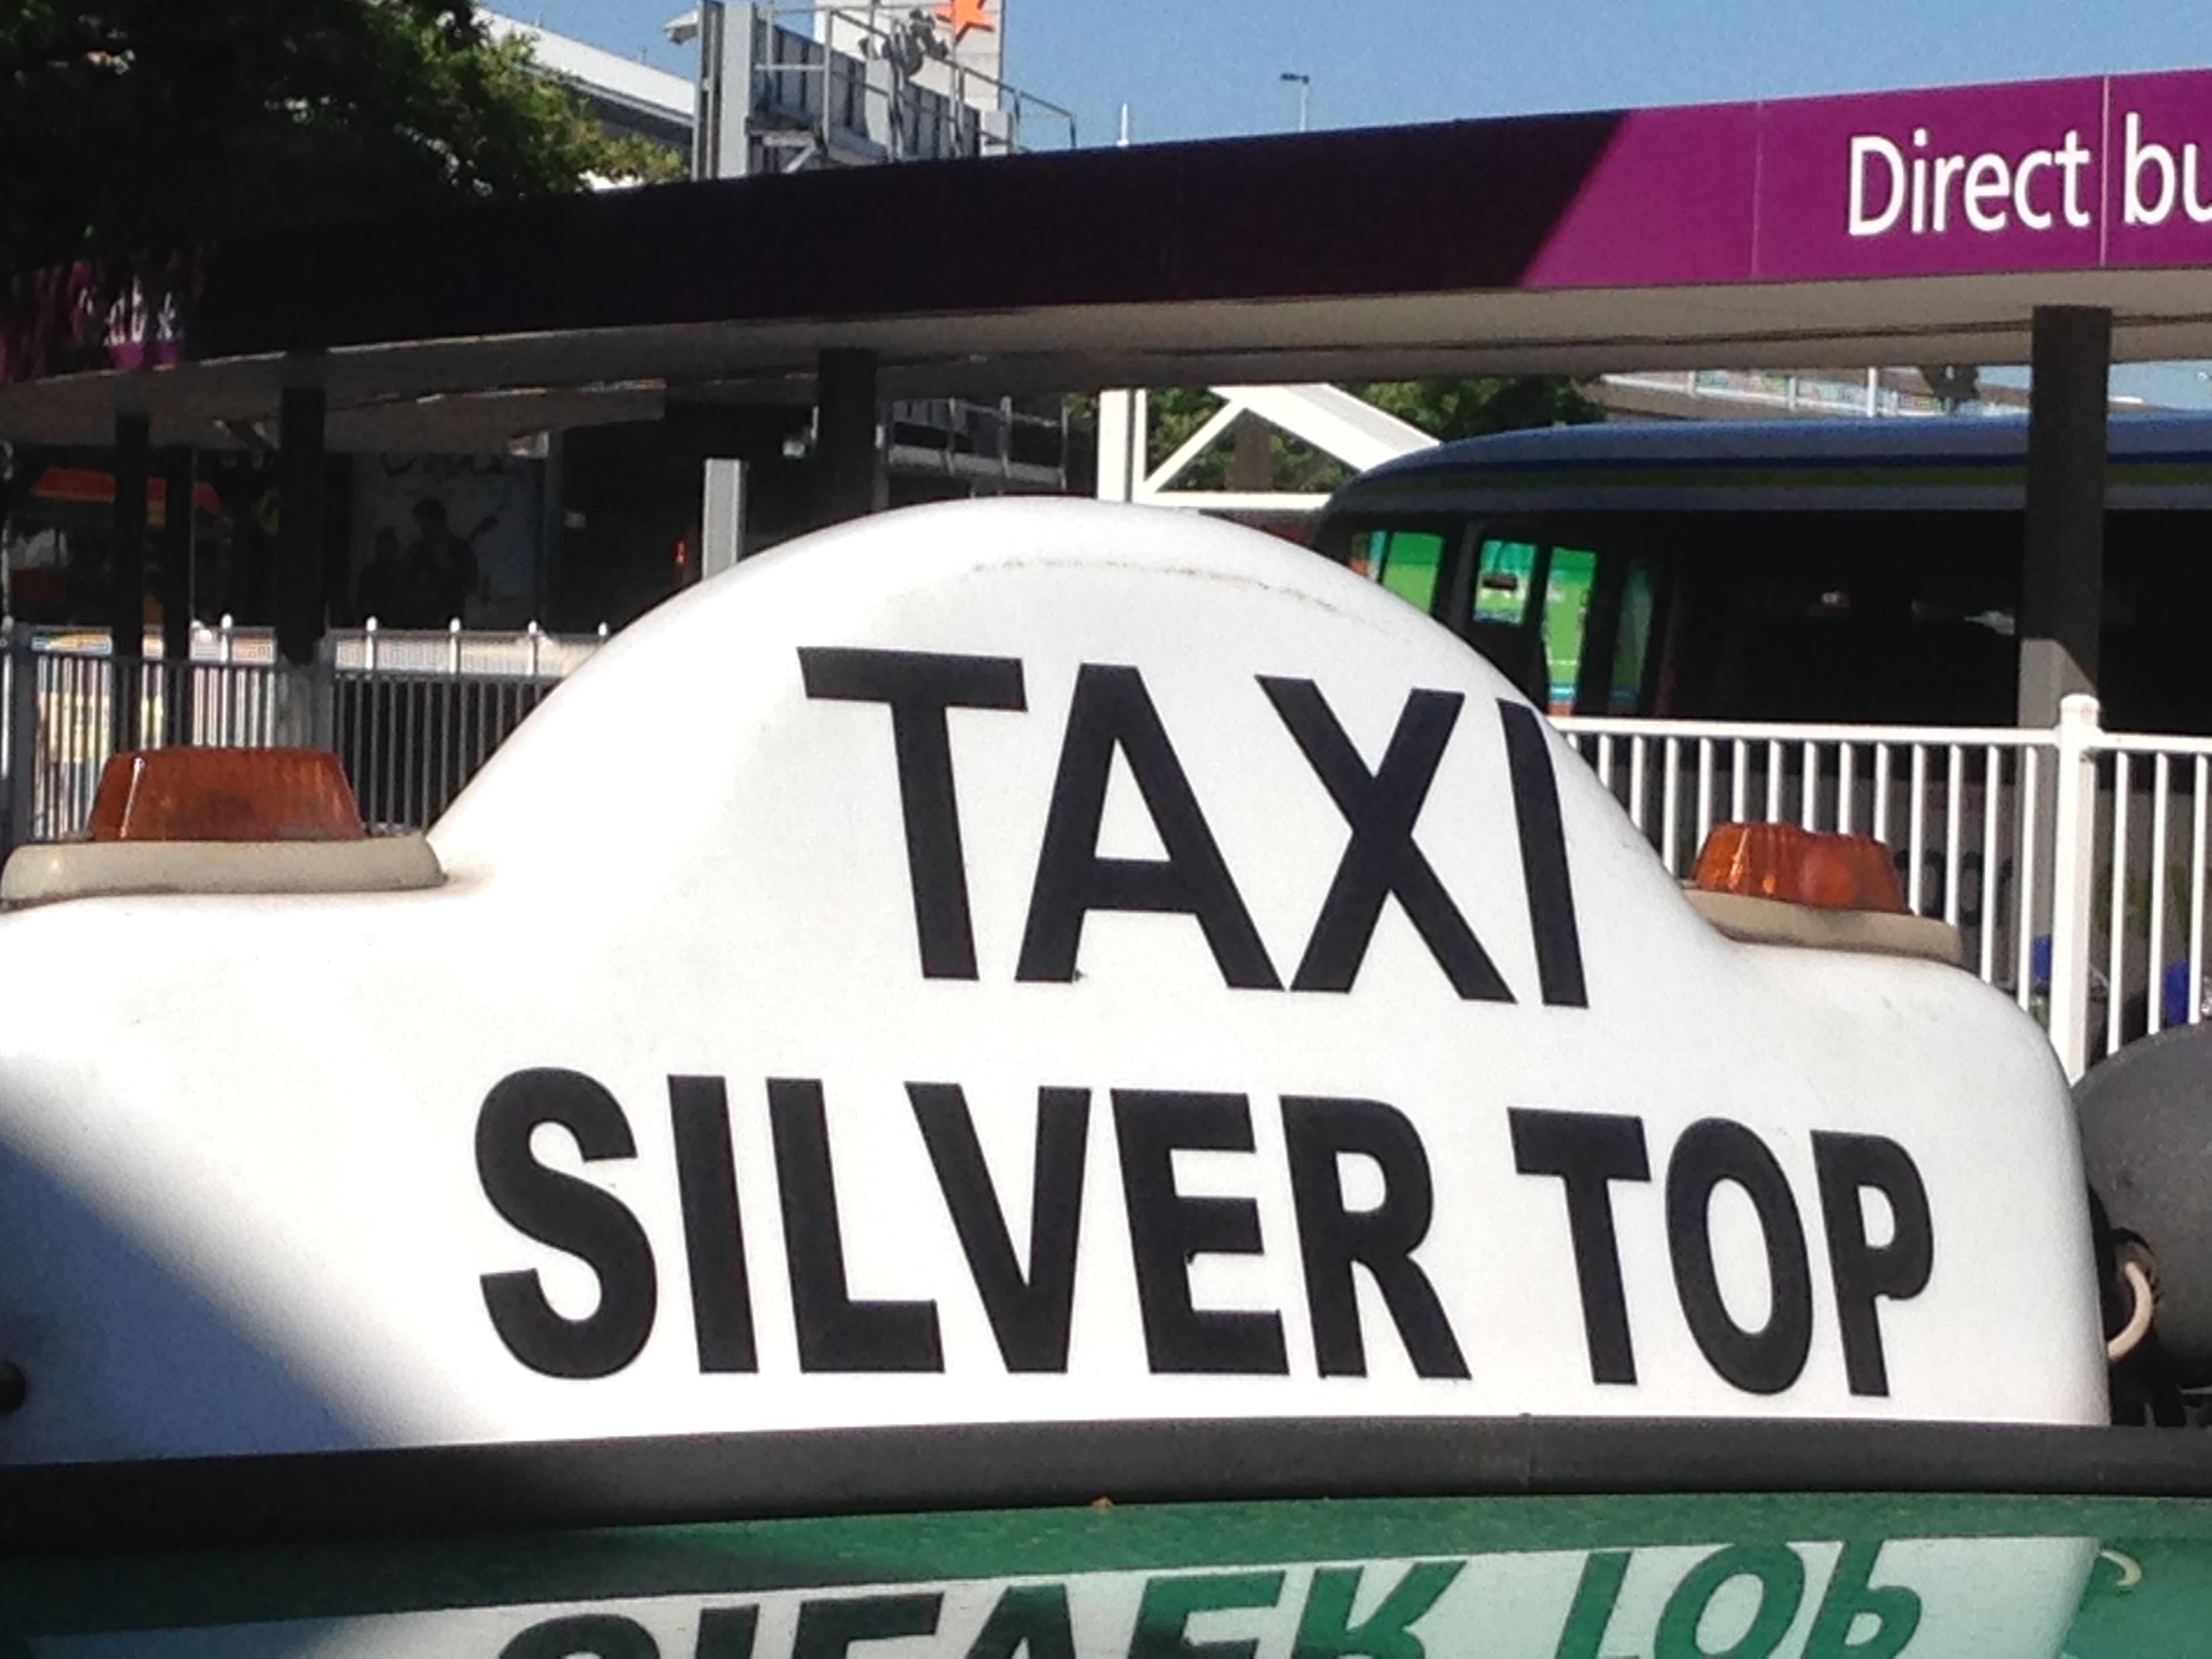 e0c6e2fcae0dc Taxi tale 3 – Holly Bolly India